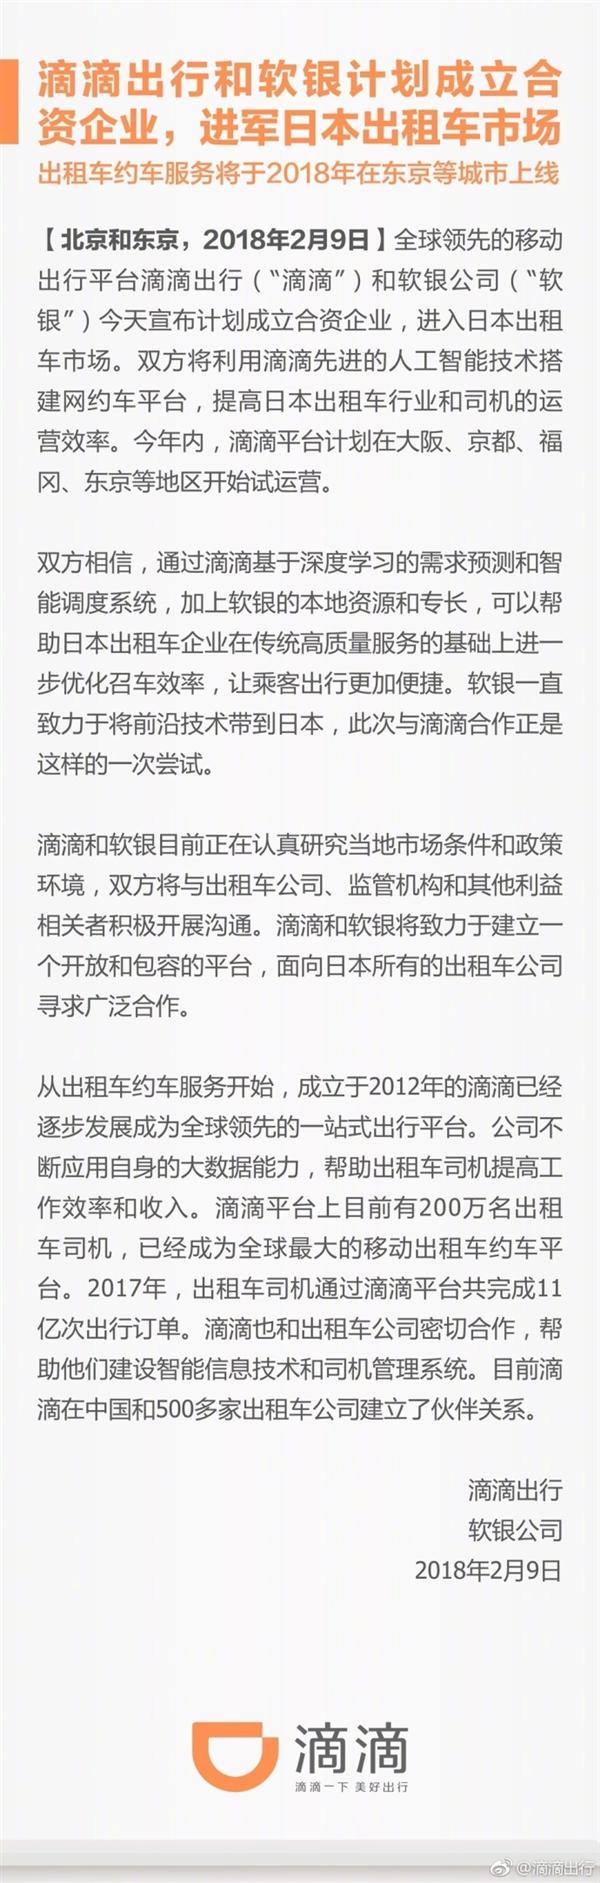 滴滴出行和软银计划成立合资企业 进军日本出租车市场